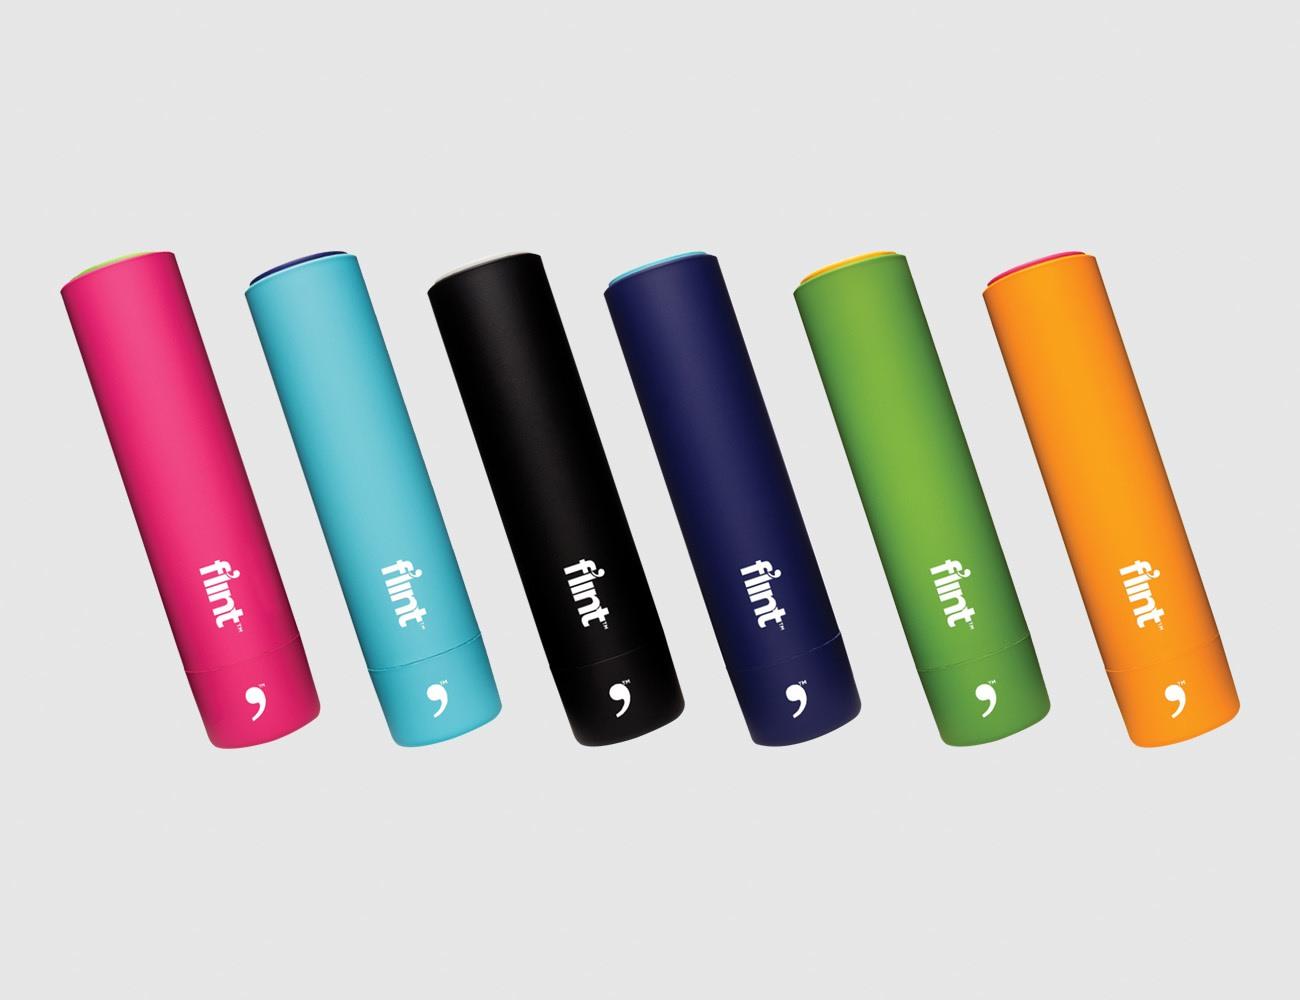 flint-beautiful-design-lint-roller-1